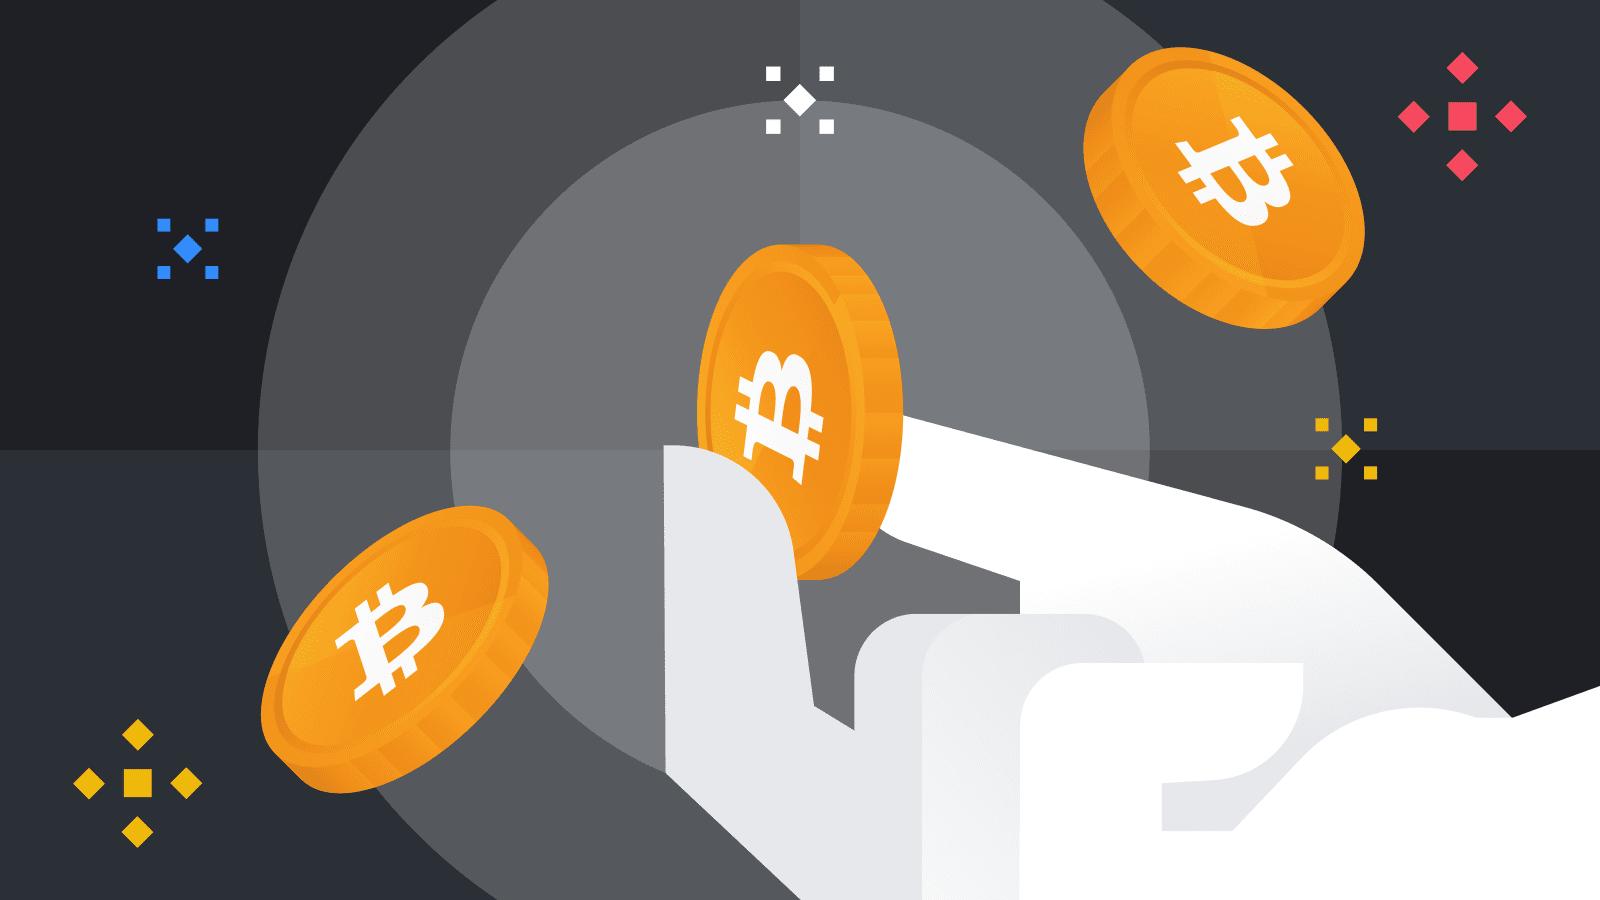 hacer trade con bitcoin